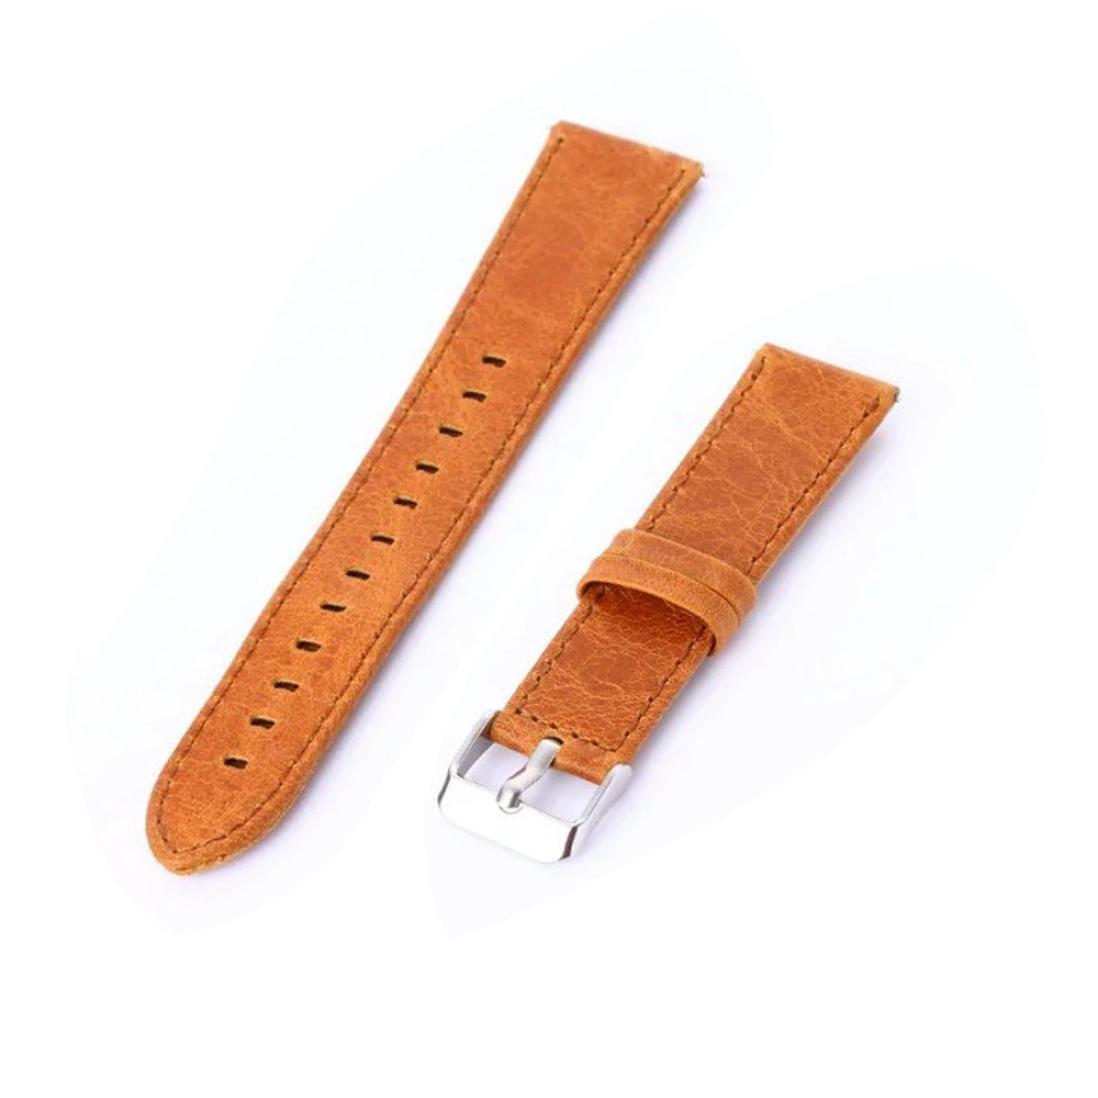 DDLBiz Fashion Luxury Leather Adjustable Watch Band Strap Belt For Samsung Gear S3 Frontier (Orange)